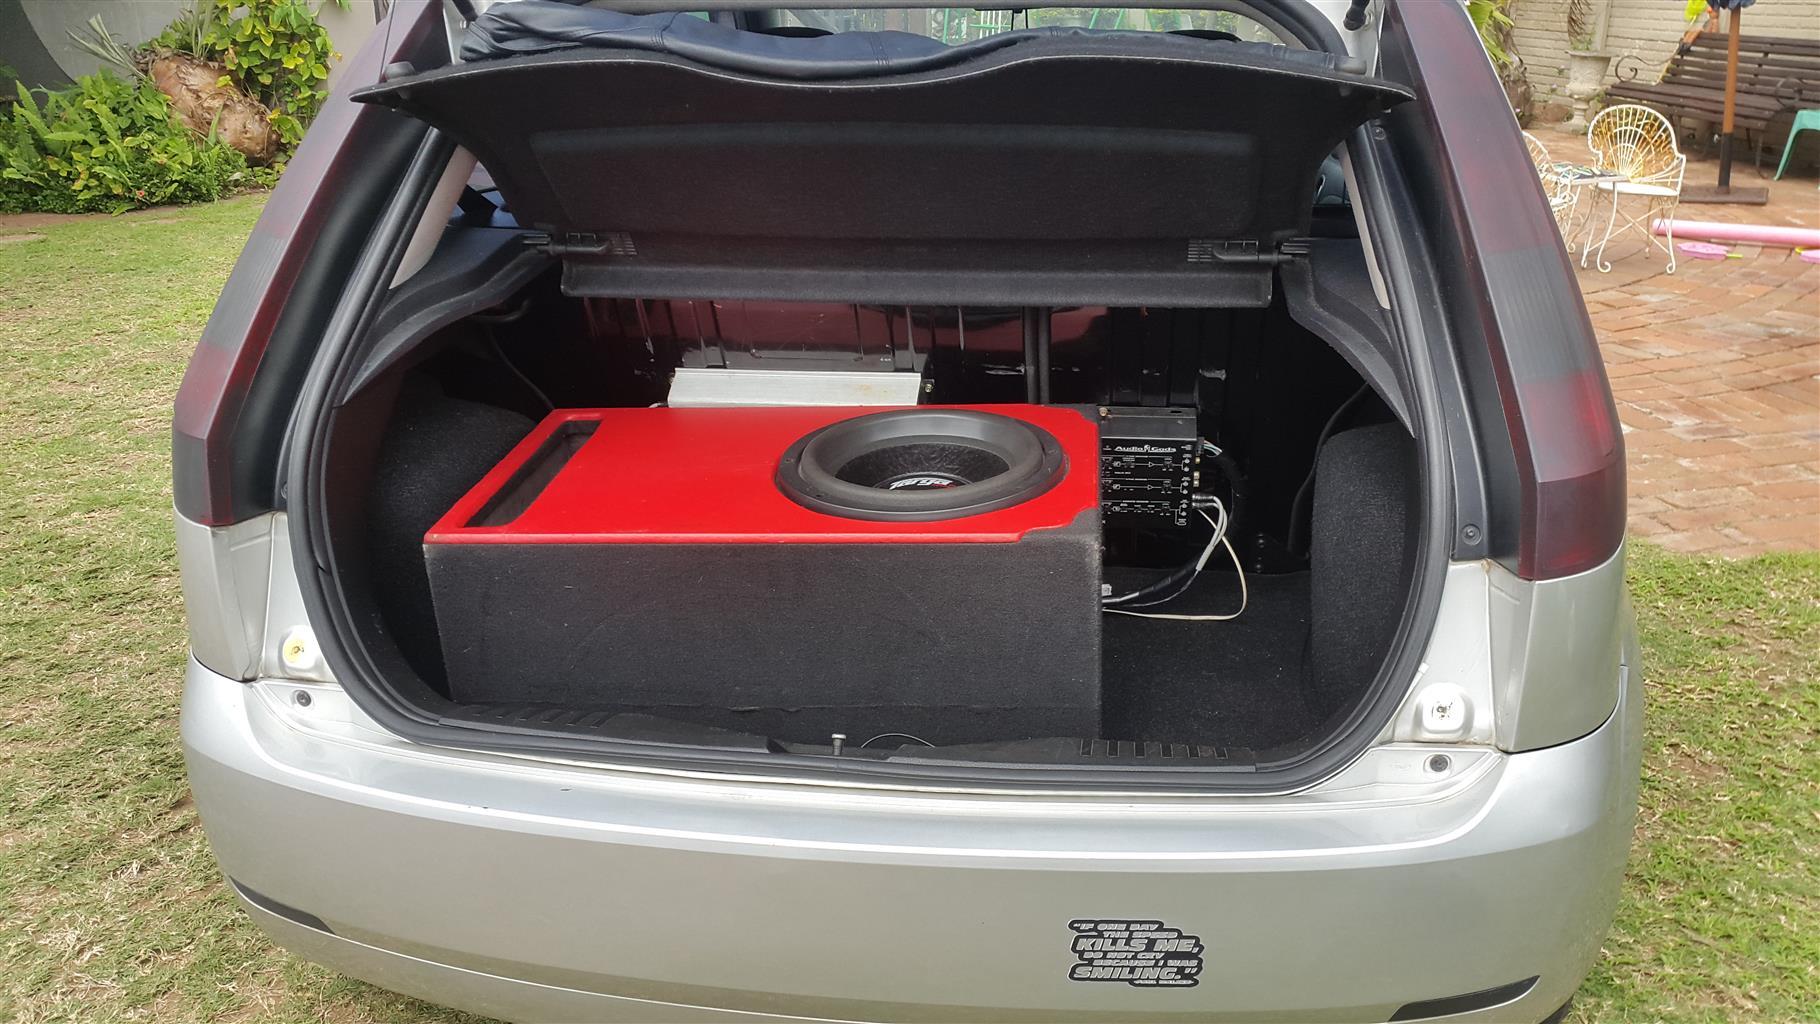 2004 Ford Fiesta 1.4i 3 door Trend